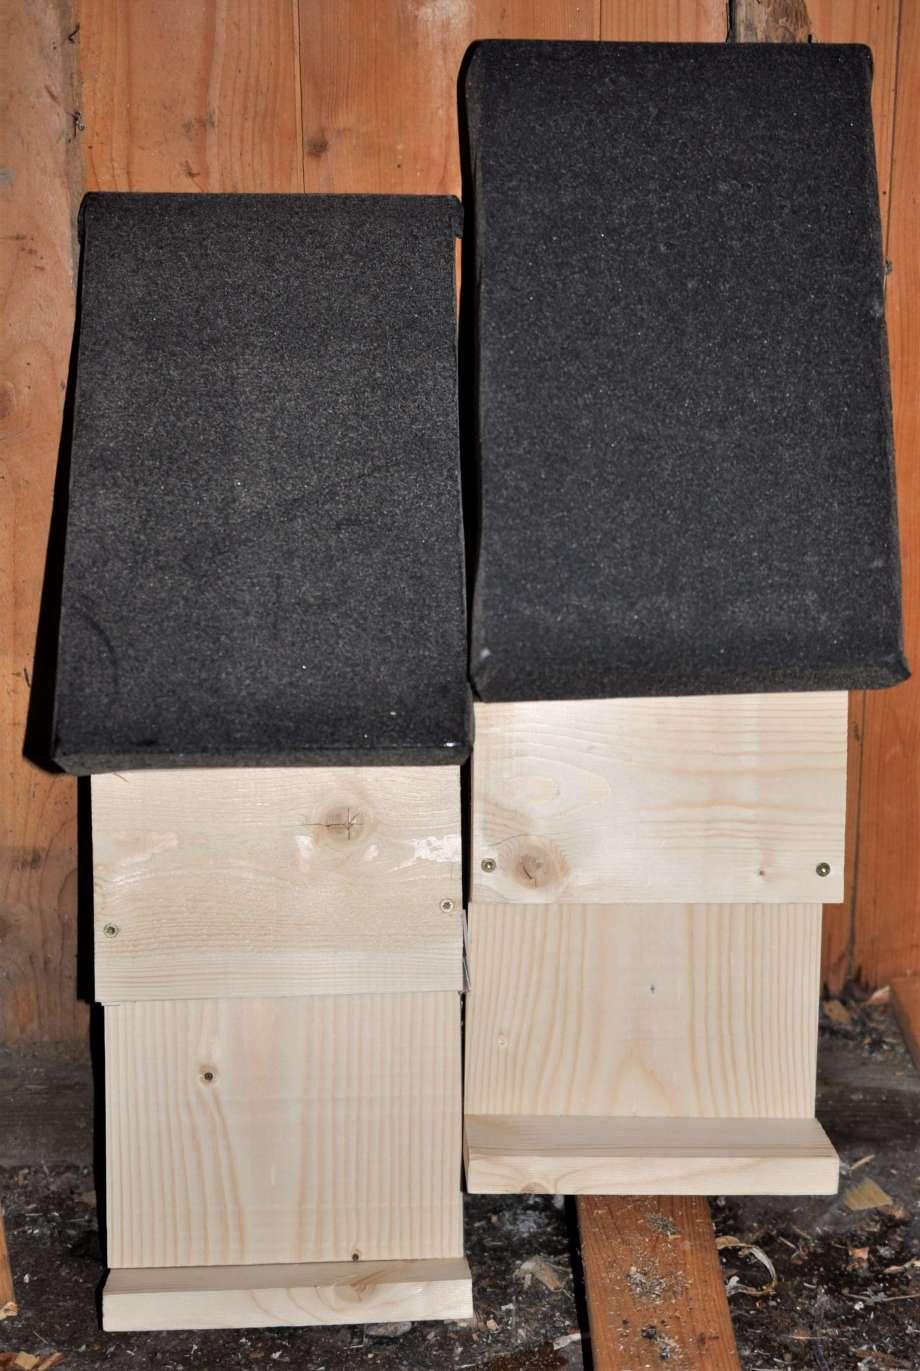 två nysnickrade fladdermusholkar står lutade mot väggen till vedboden